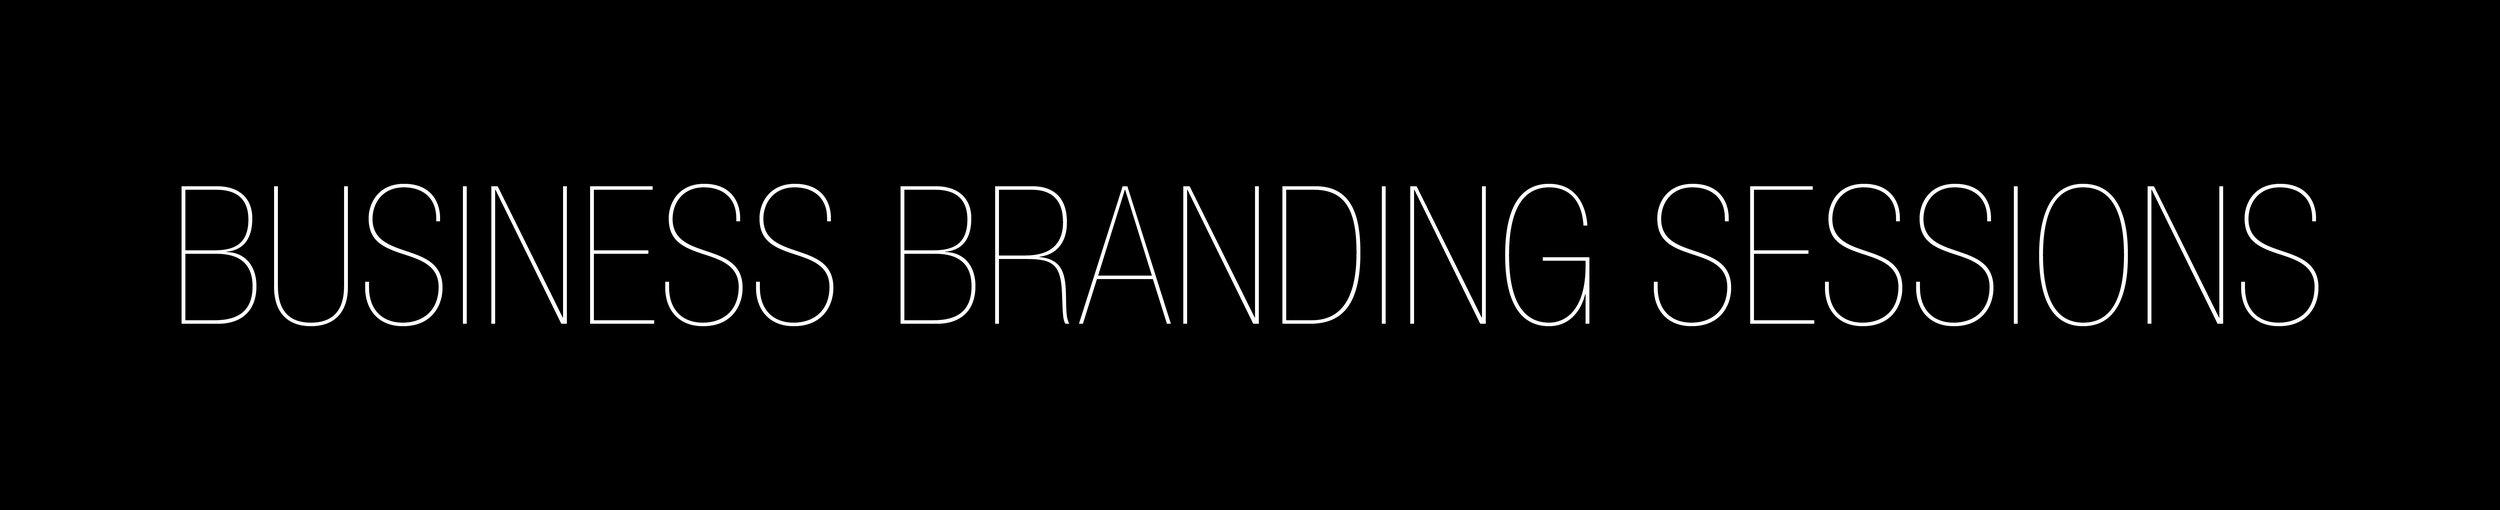 businessbrandingheader.jpg